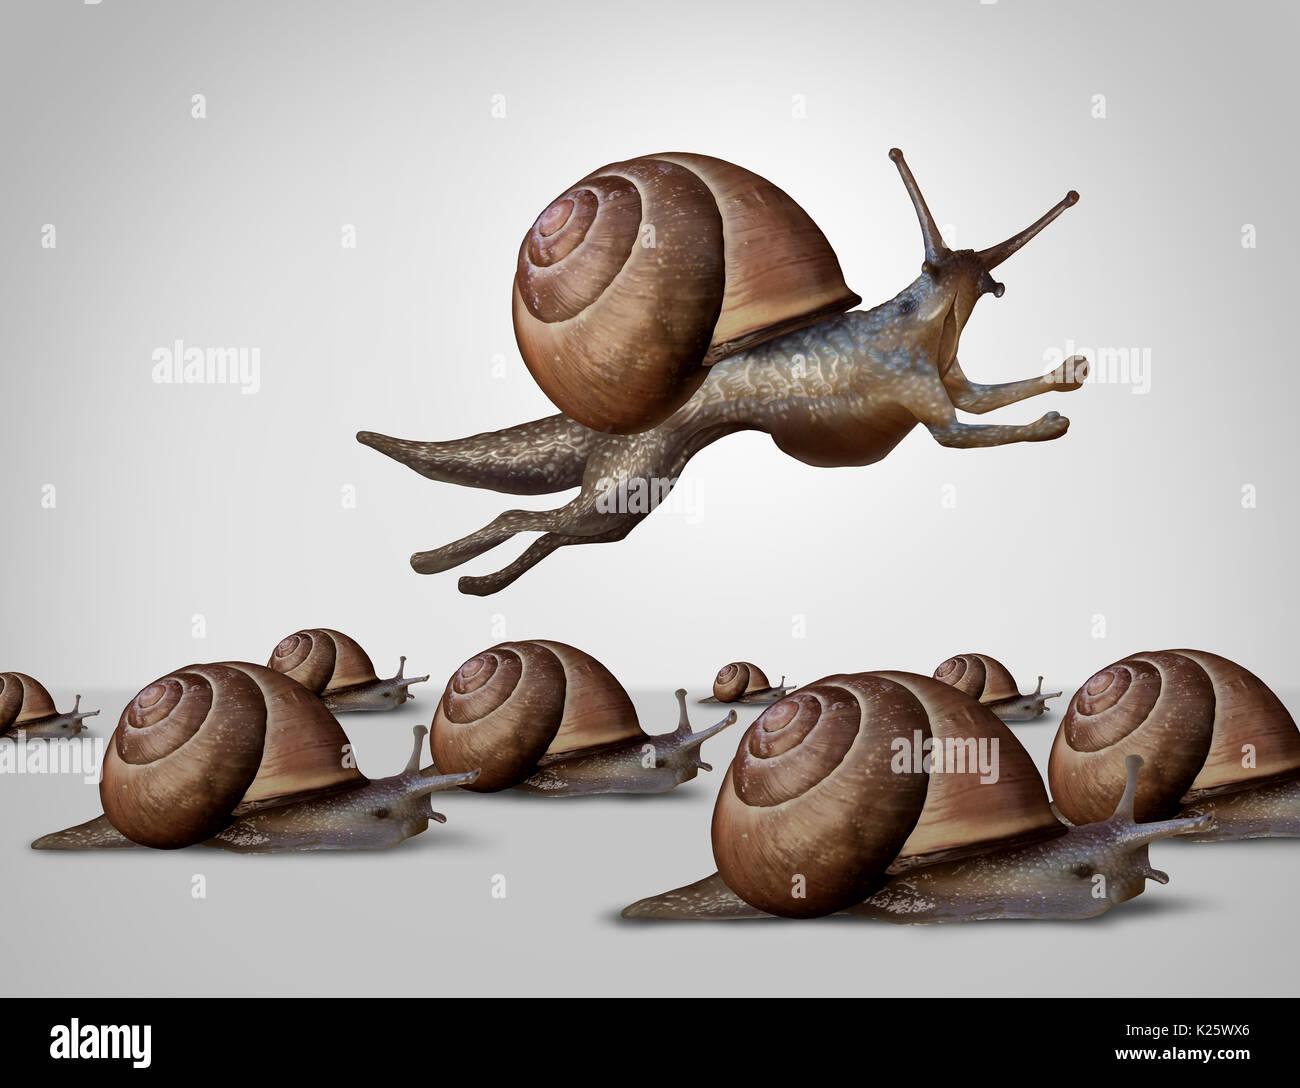 Concept du changement et de l'évolution pour mieux soutenir la concurrence  comme un groupe d'escargots de course lente avec un individu leader rapide  avec escargot tournant des membres Photo Stock - Alamy